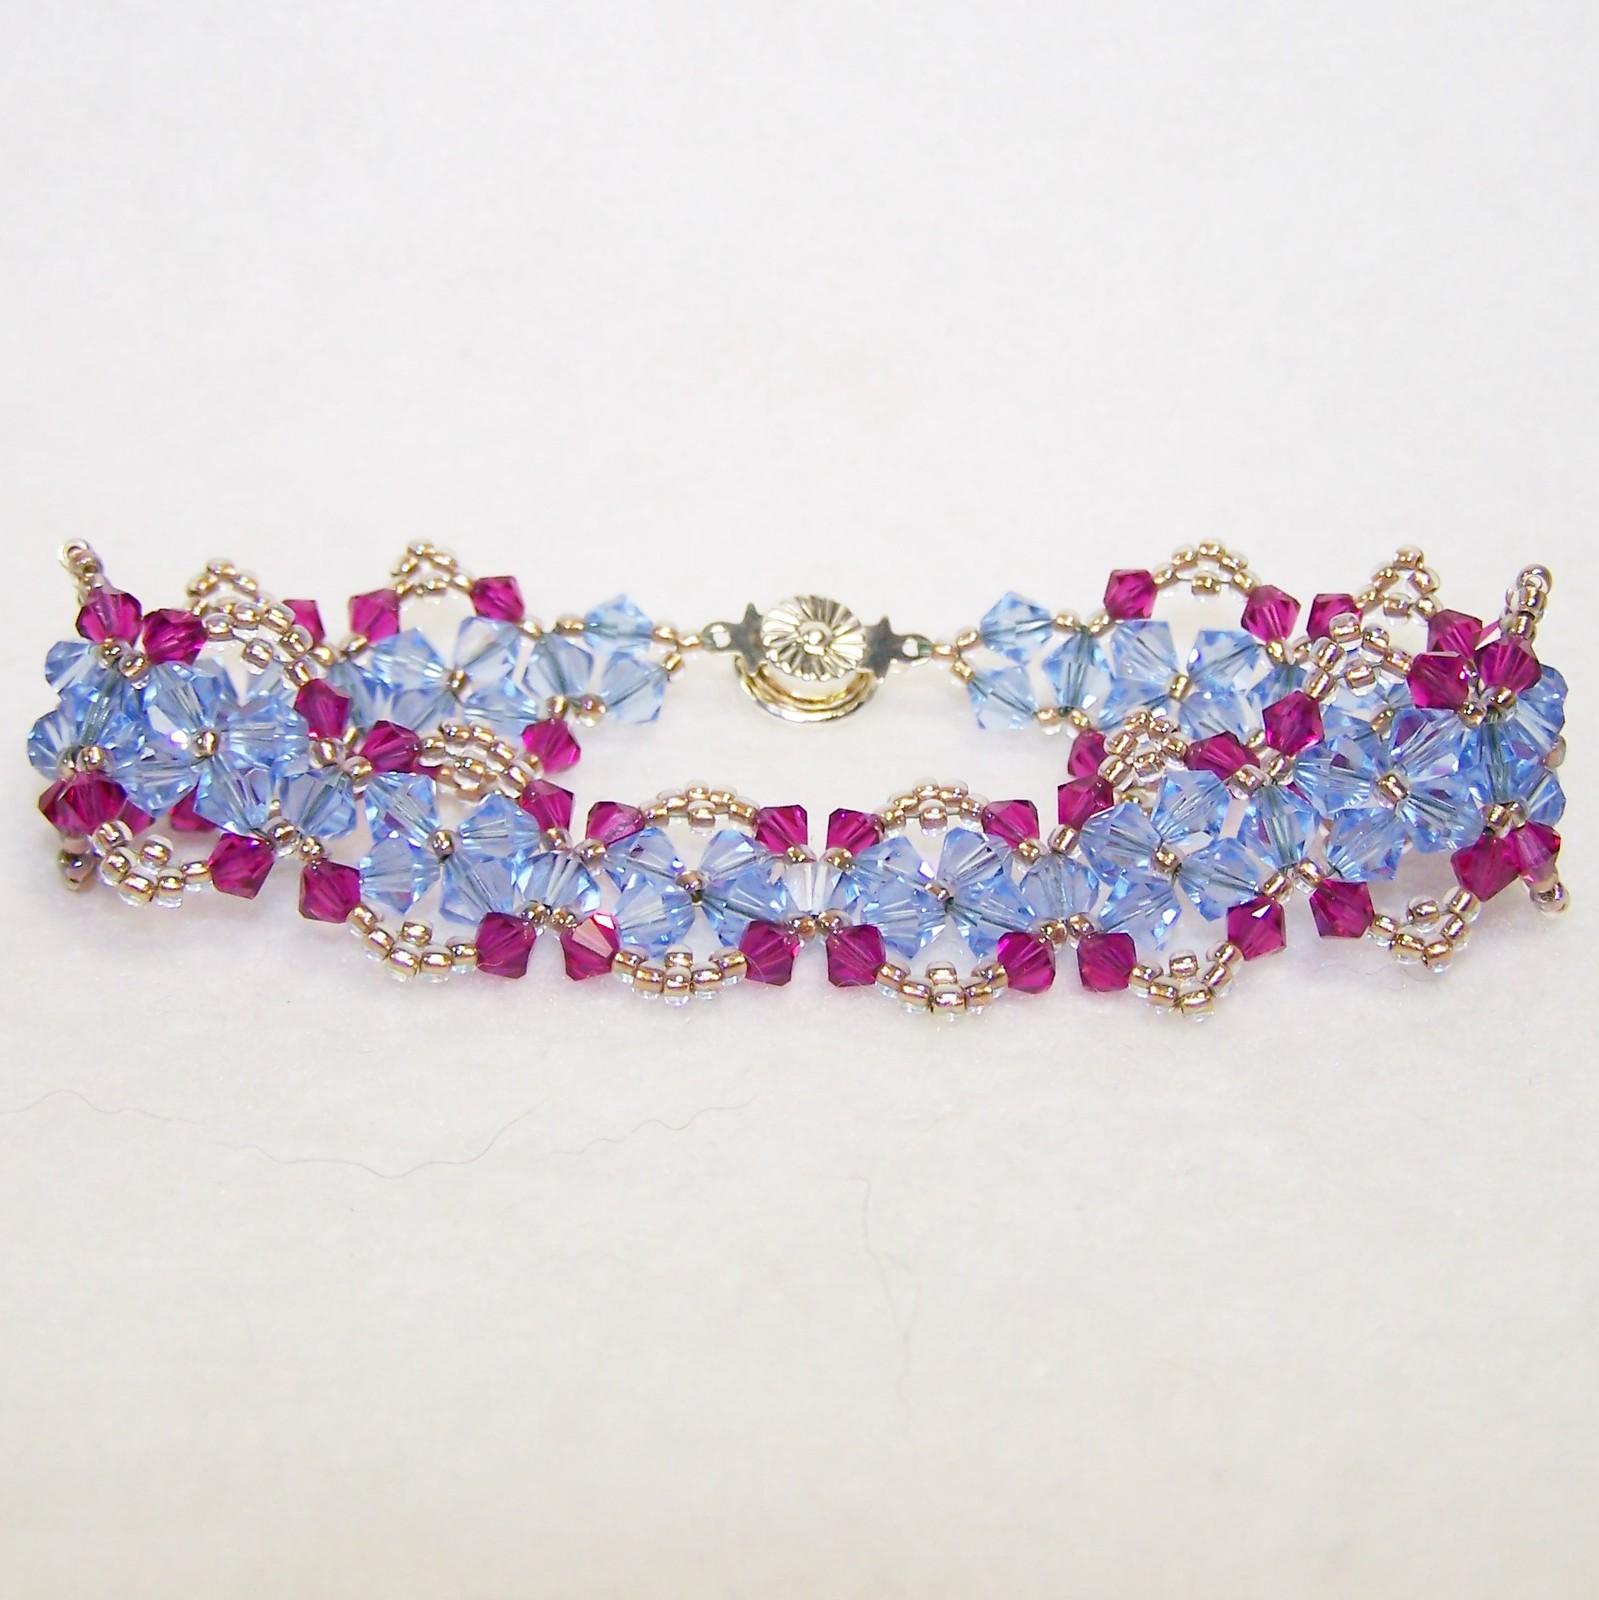 Pink and Blue Crystal Bracelet